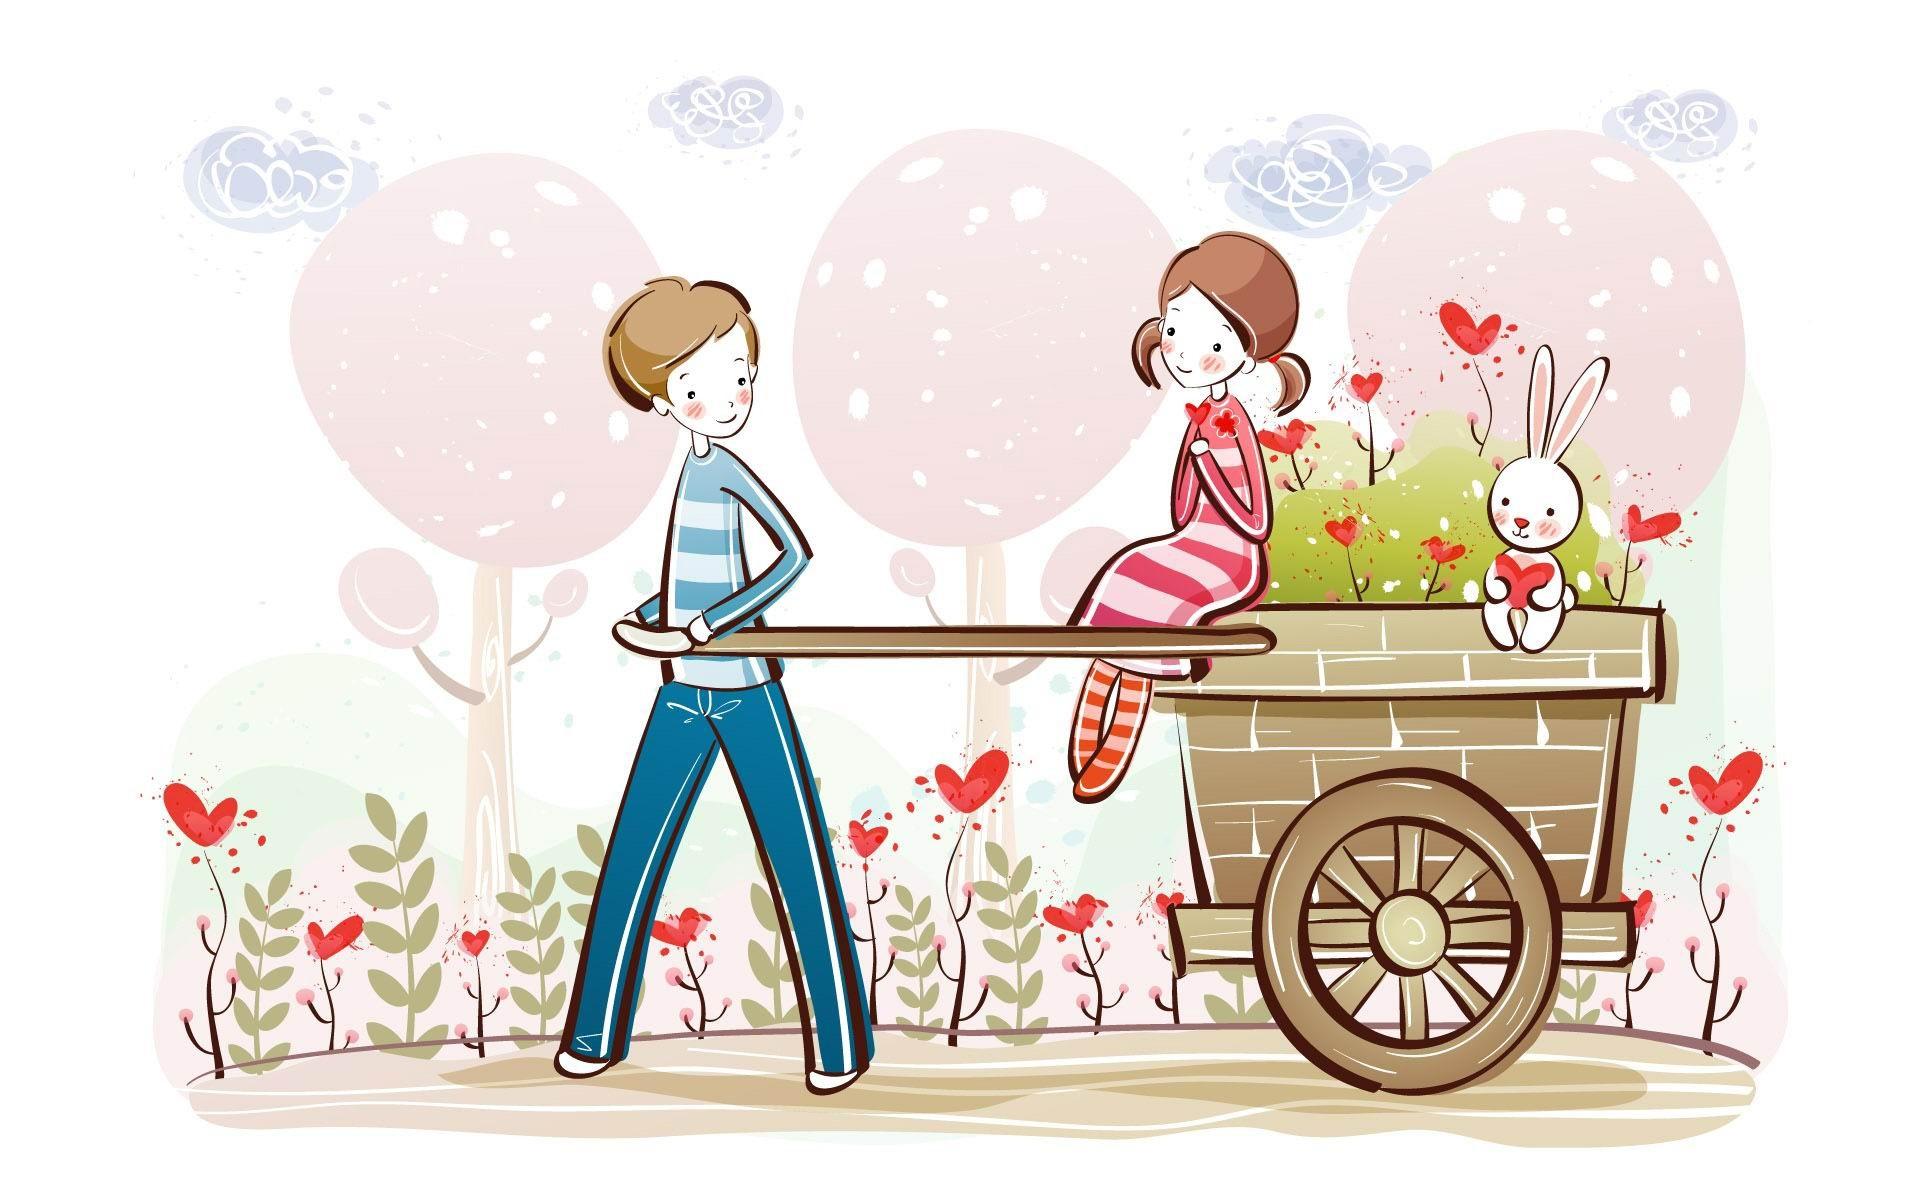 かわいいバレンタインカップルバレンタインデーのイラスト